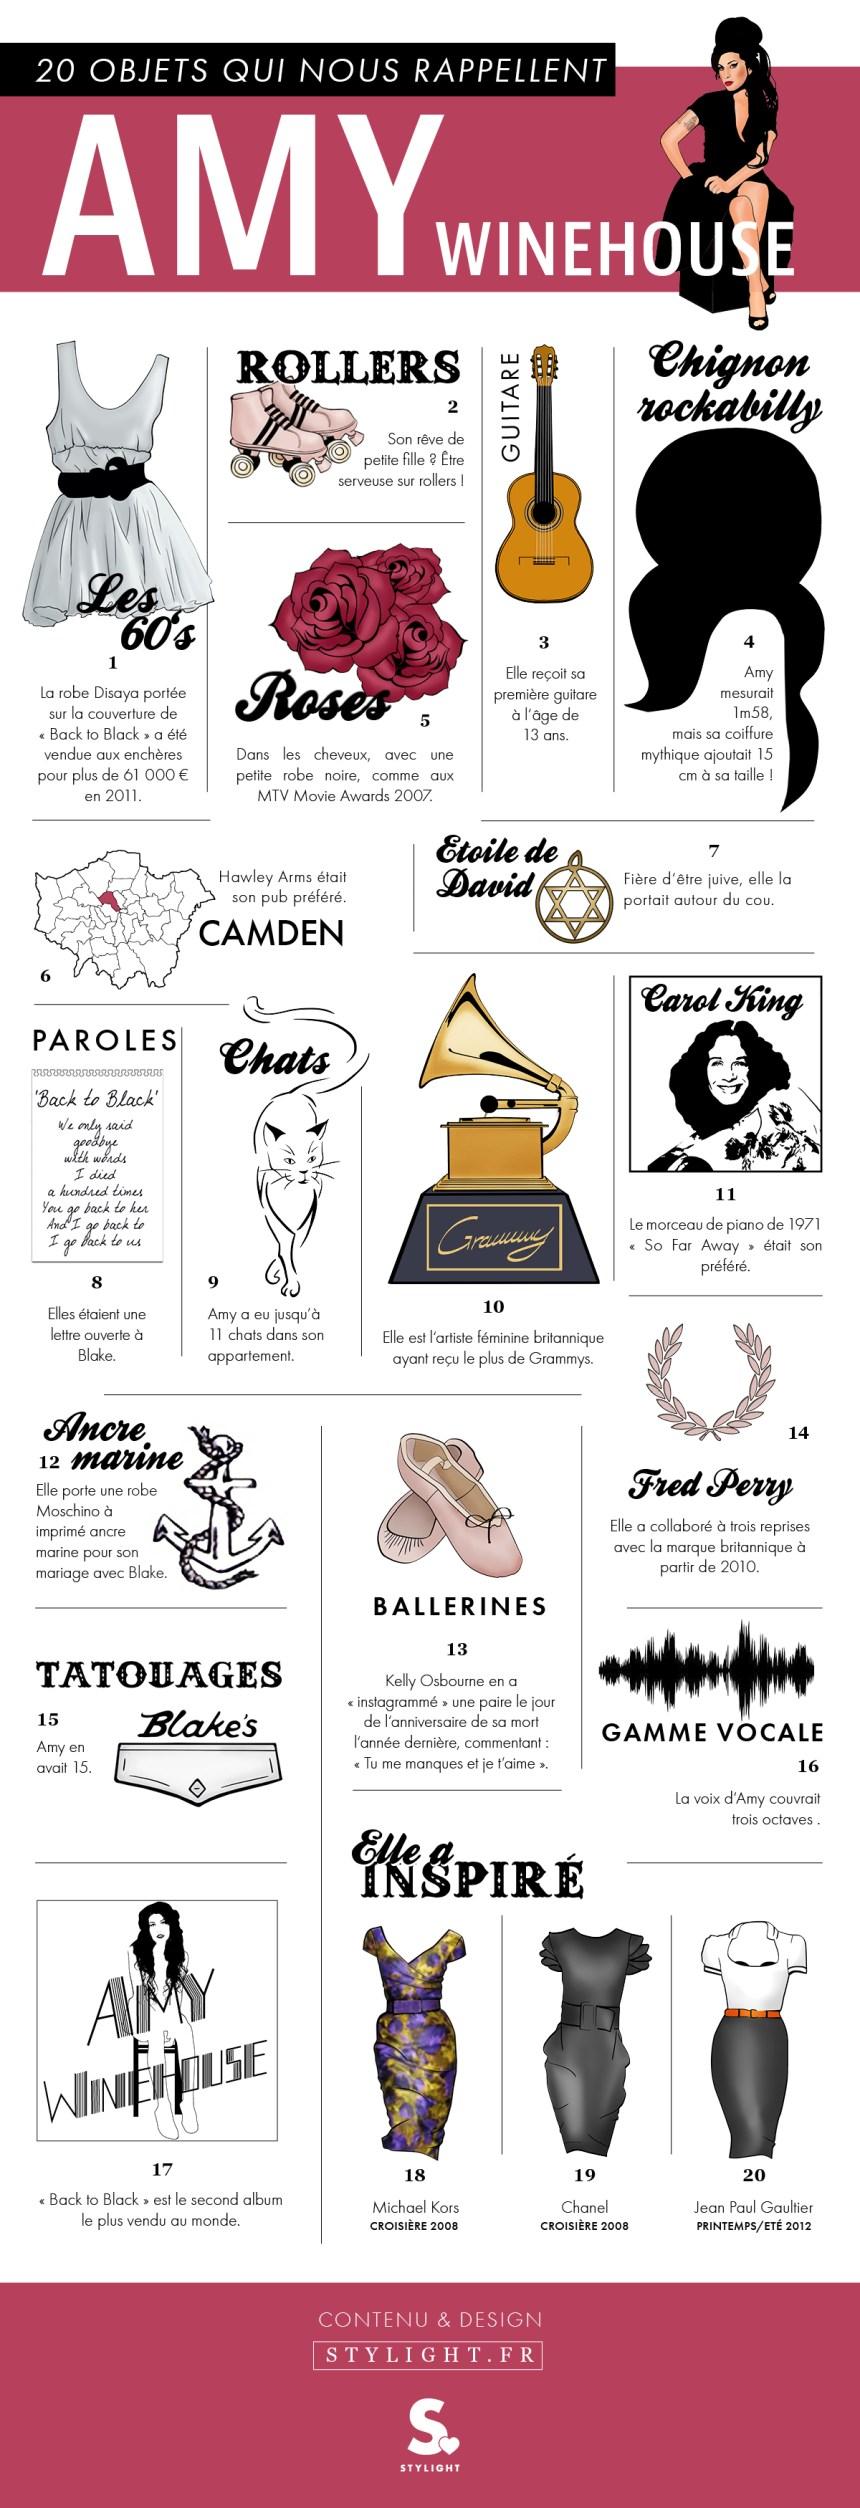 Infographie: 20 objets qui nous rappellent Amy Winehouse